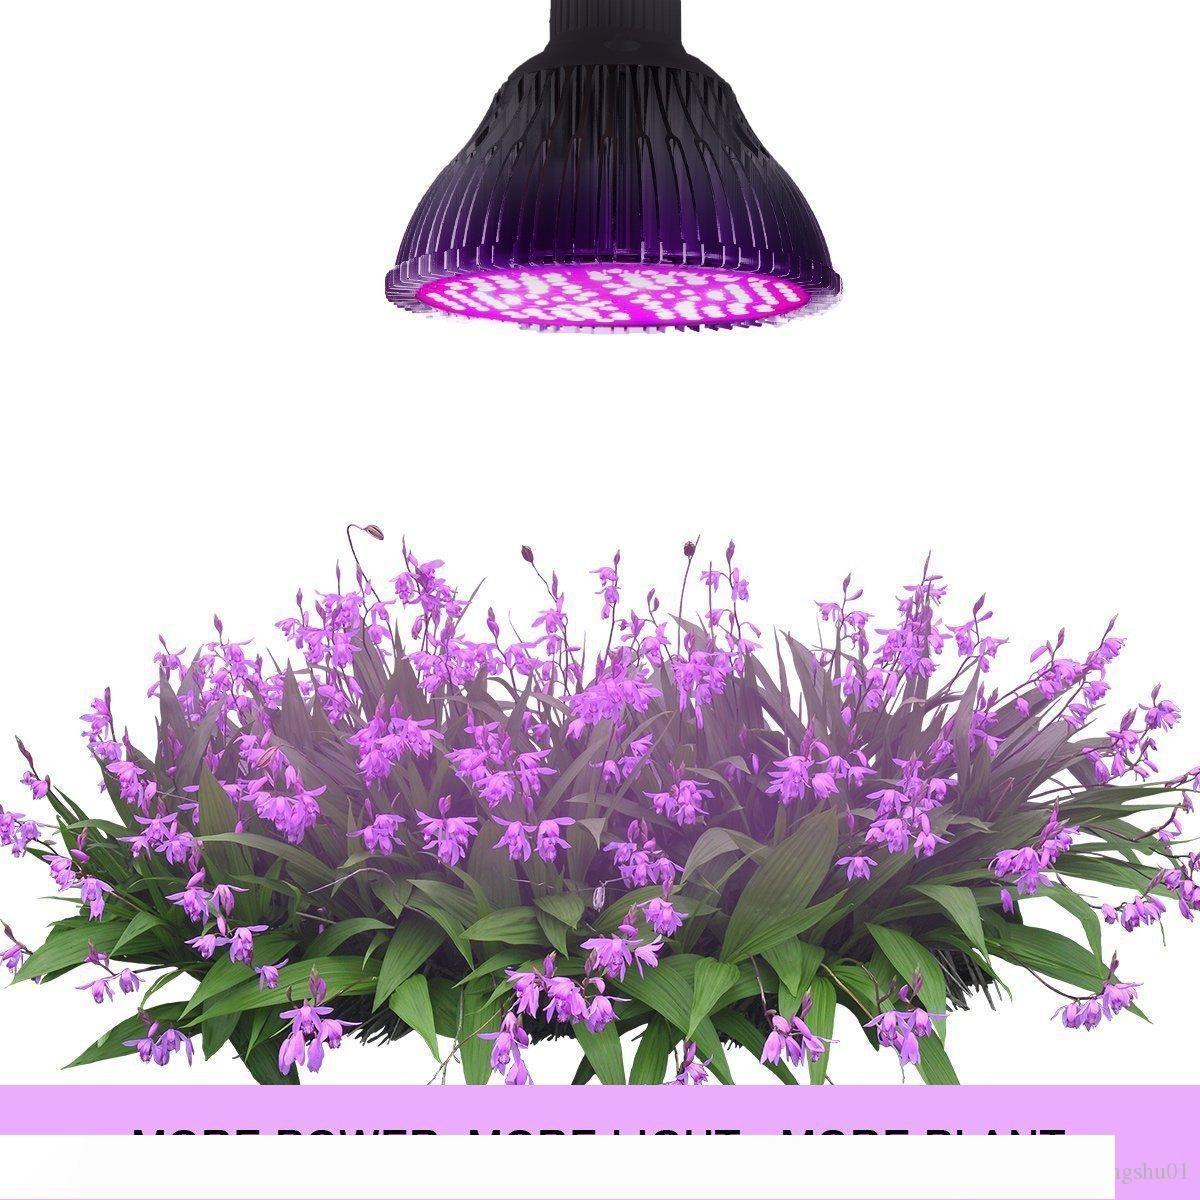 8W 10W 30W 50W 80W lampada pianta principale spettro completo sviluppo di pianta luce principale piantatura lampada serra riempimento